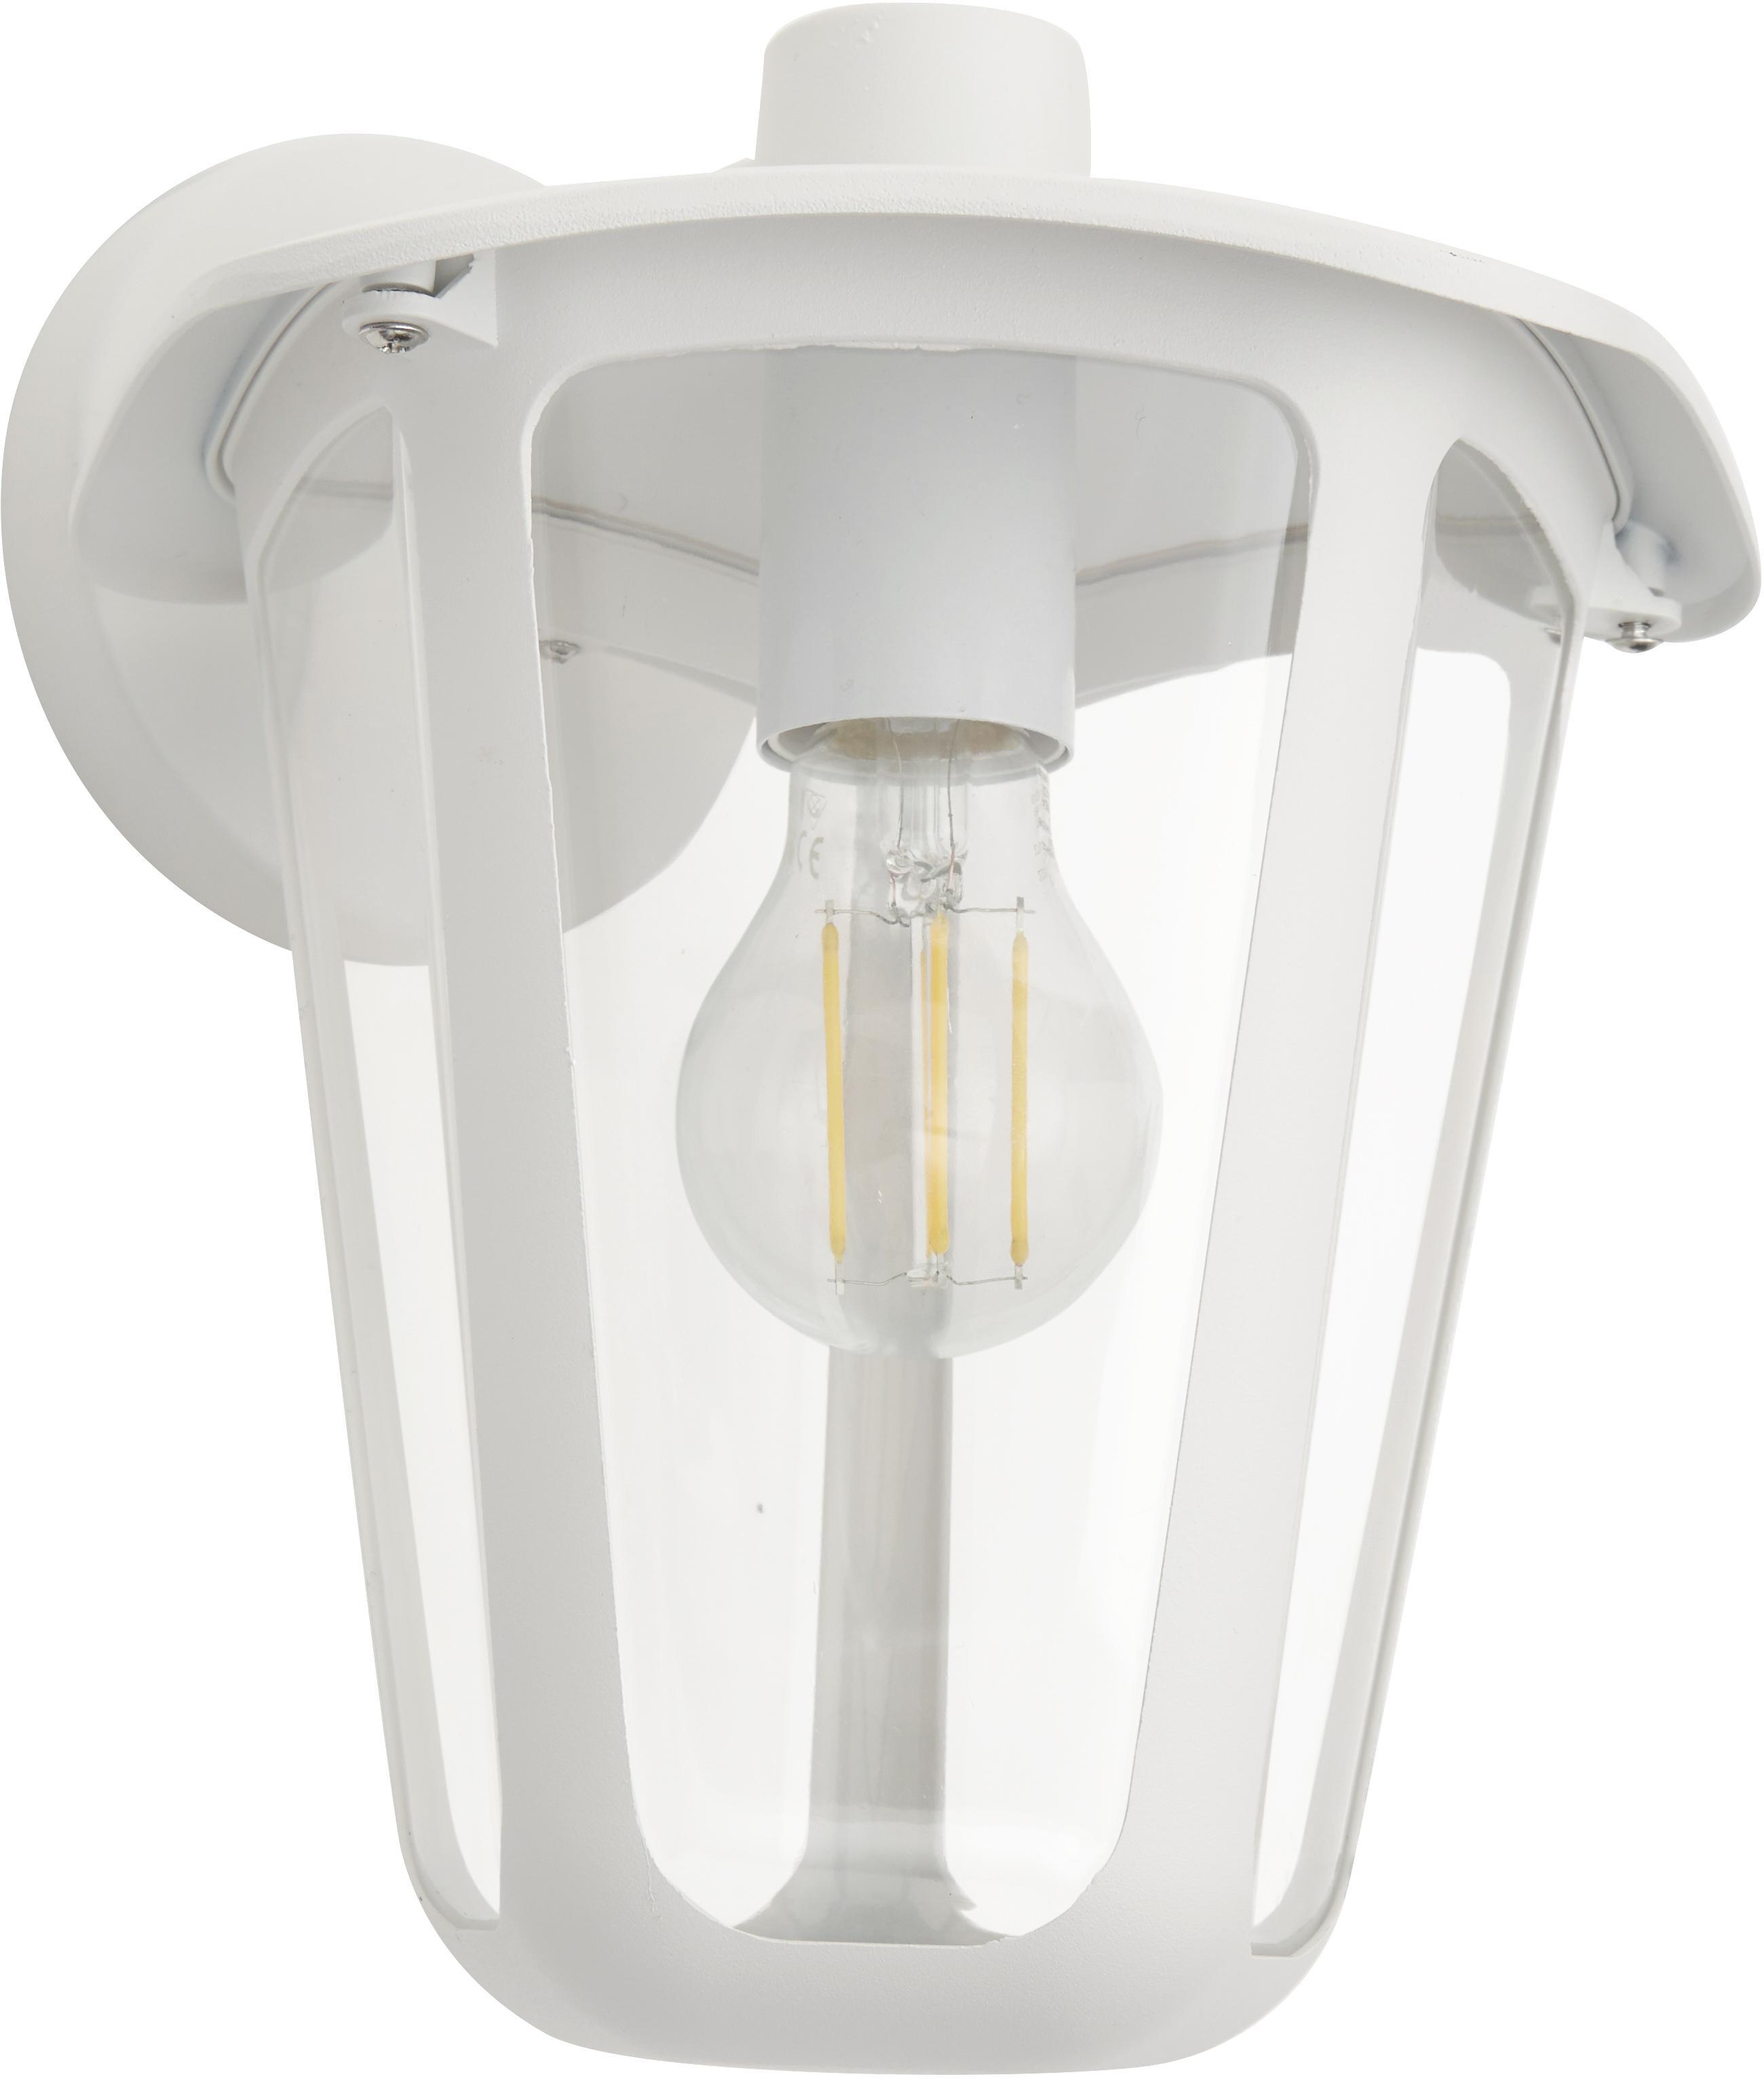 Aplique para exterior Monreale, Estructura: aluminio, Pantalla: plástico, Blanco, An 23 x Al 28 cm